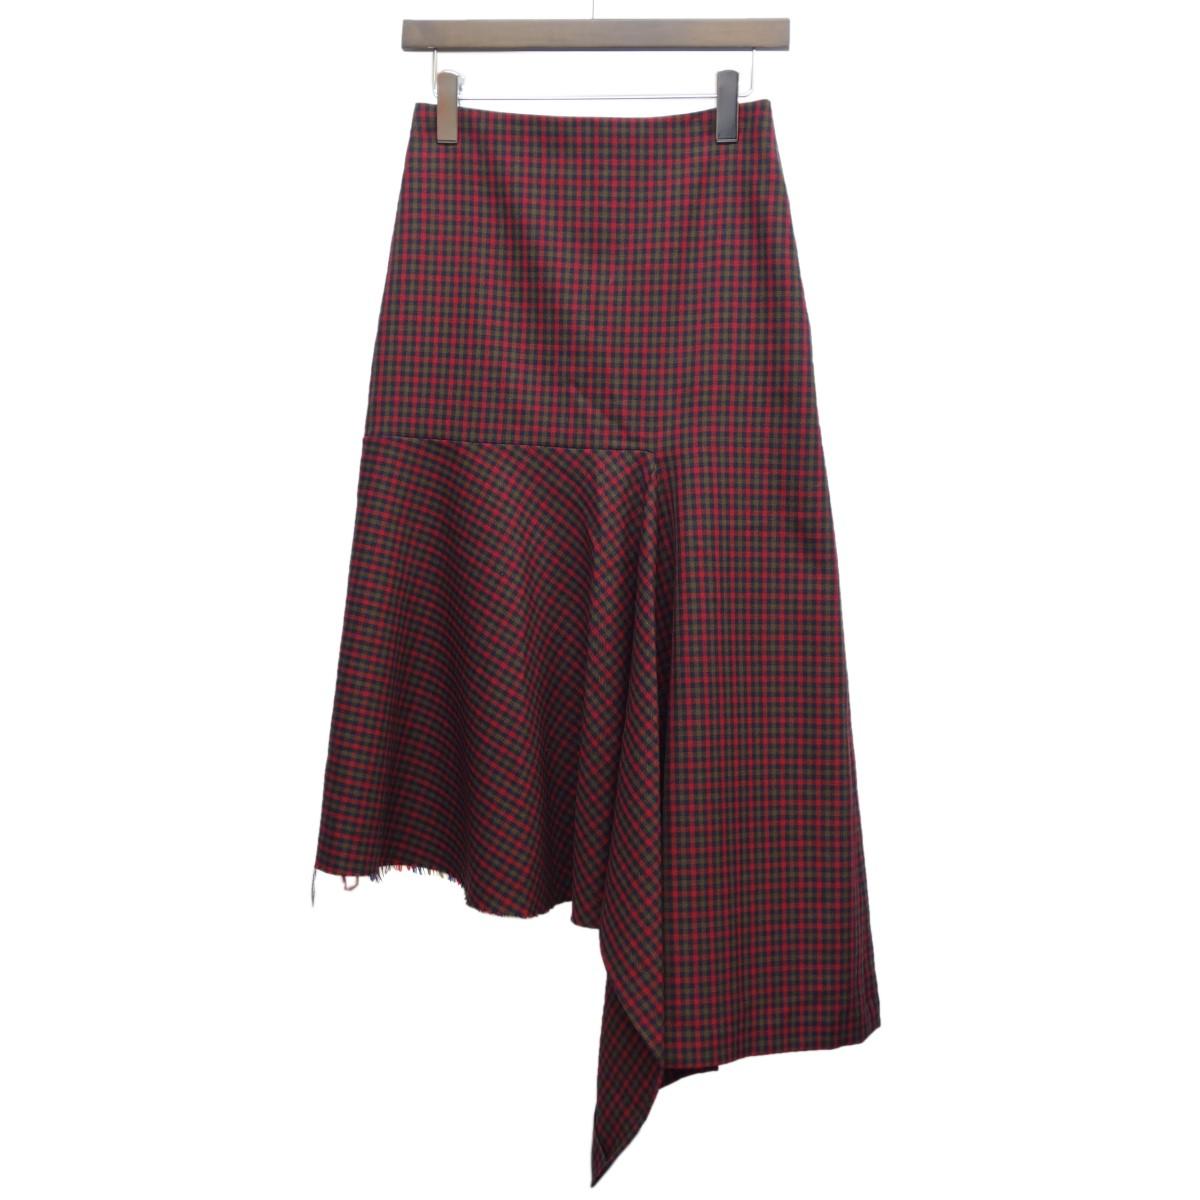 【中古】BALENCIAGA 18AW チェックアシンメトリースカート レッド サイズ:36 【220320】(バレンシアガ)